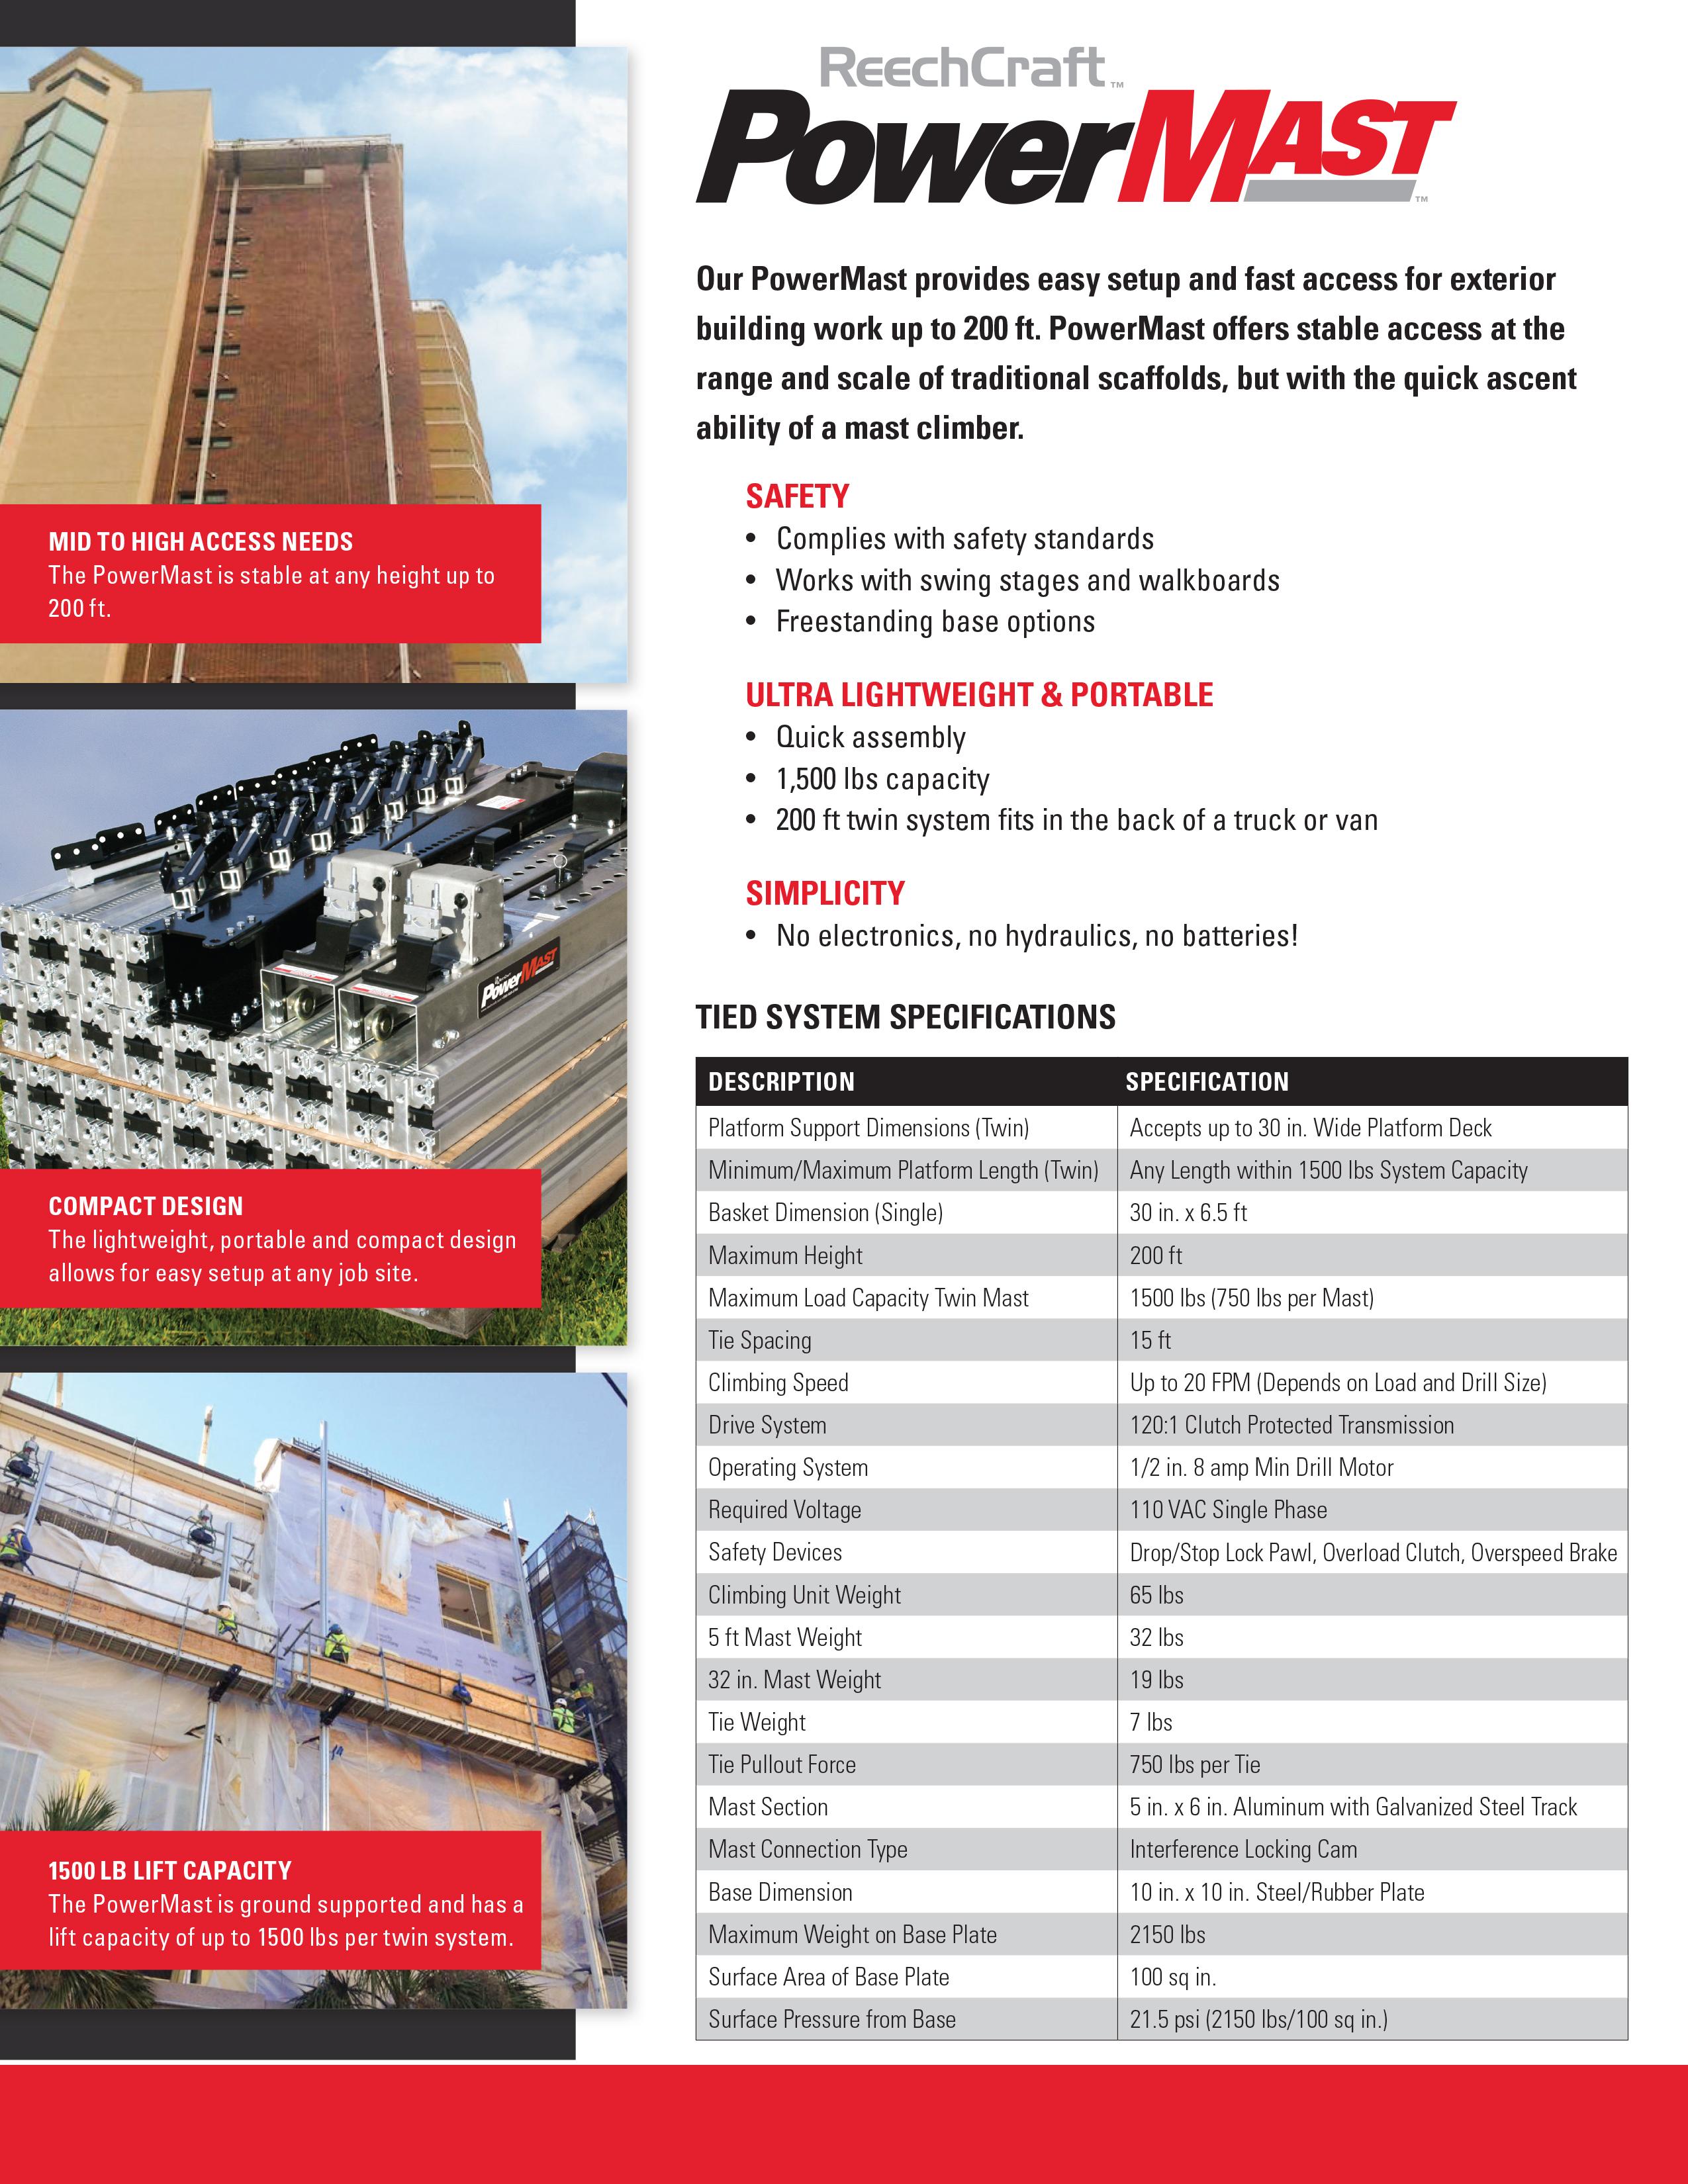 powermast-brochure-2020-2.jpg